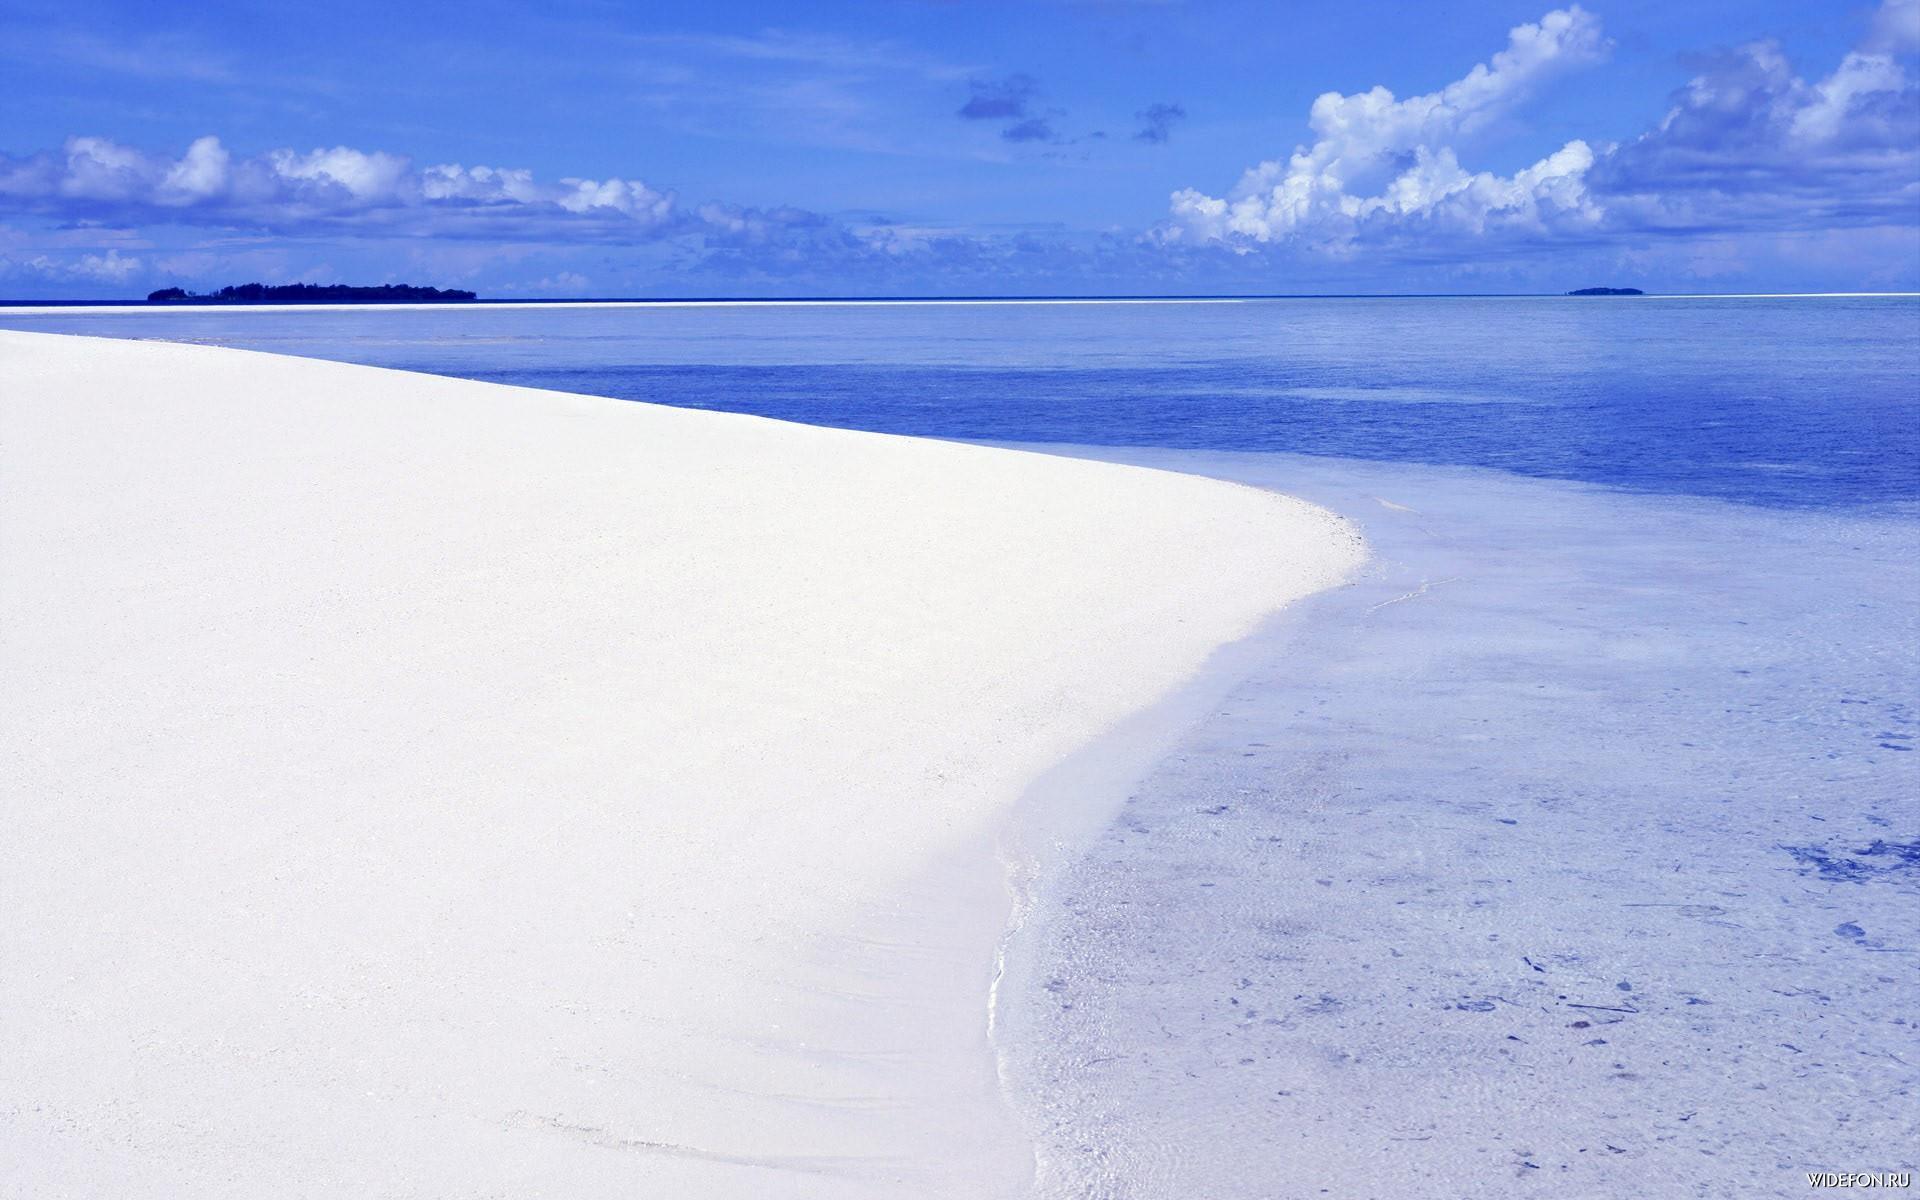 soleil-vacances-et-plage-wallpaper-hd